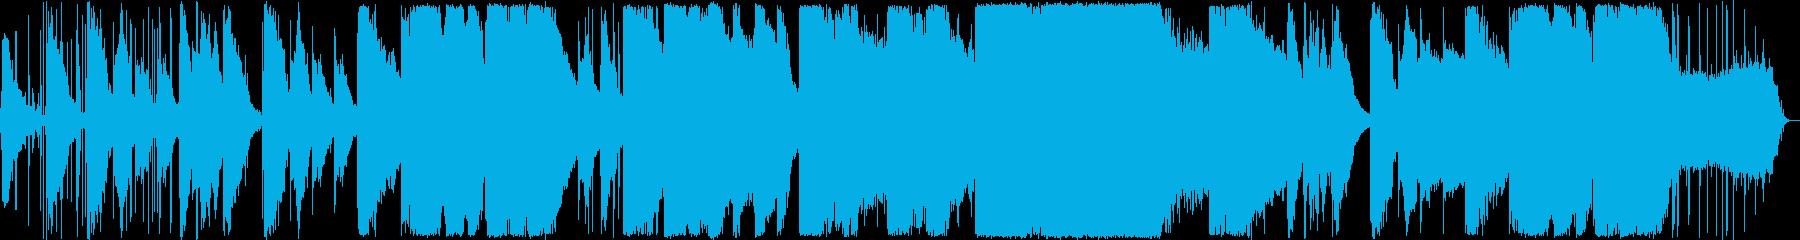 ミュートトランペットが魅惑的の再生済みの波形